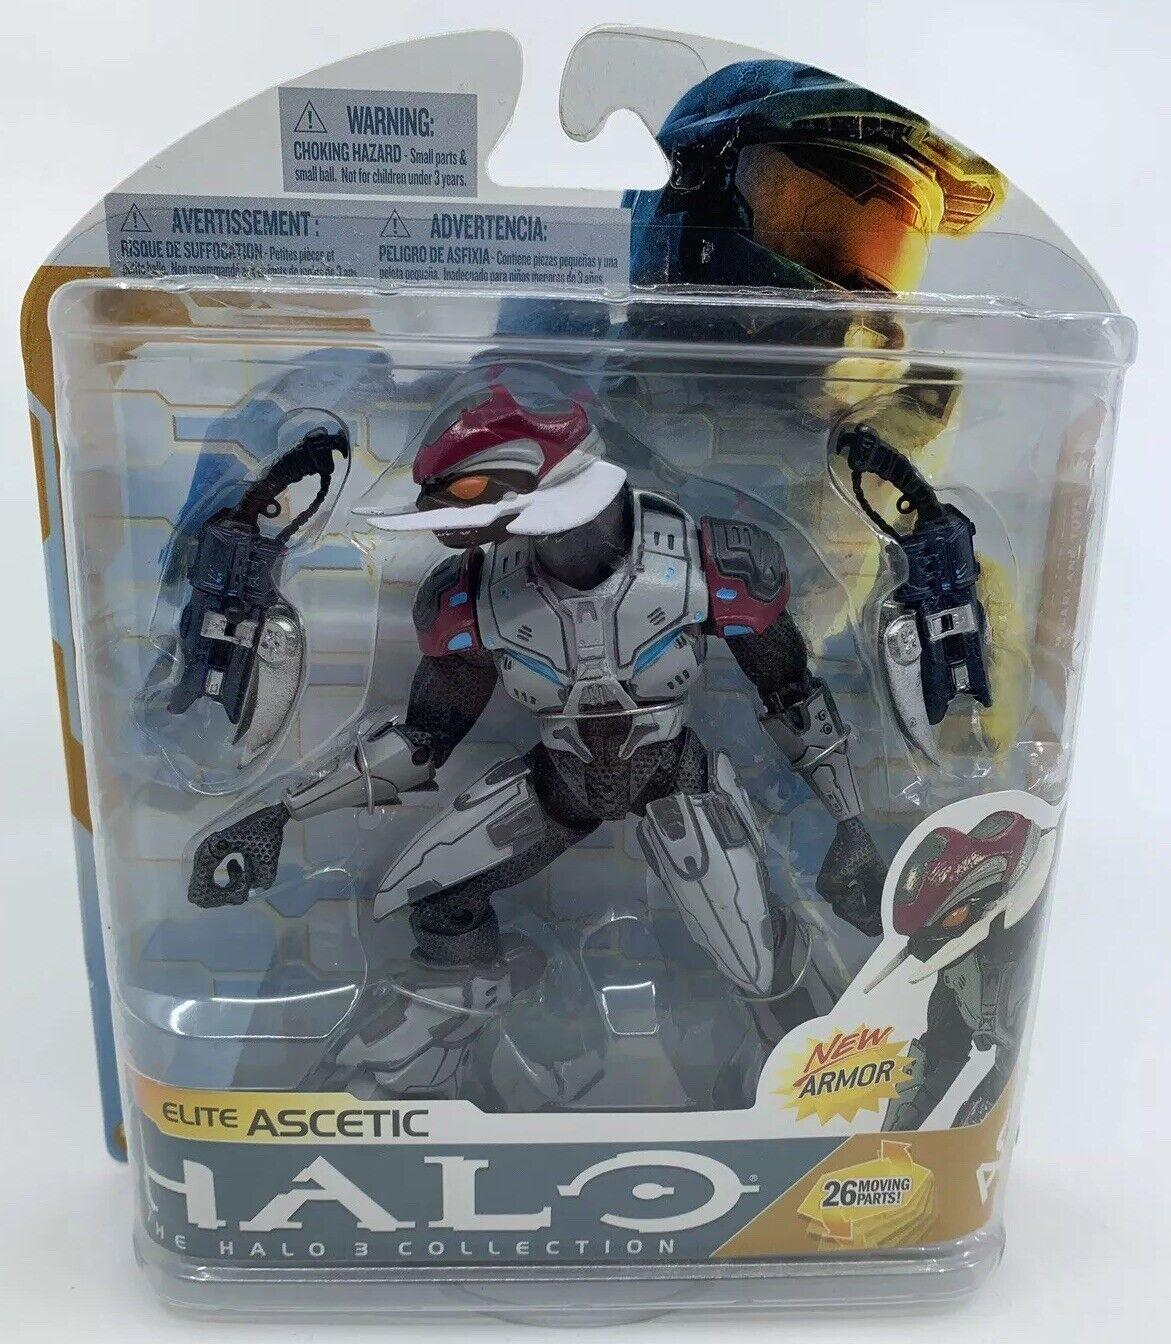 Nuovo 2010  Halo 3  Collection Elite Ascetic Mcfarlane giocattoli Covenant azione cifra  fino al 70% di sconto